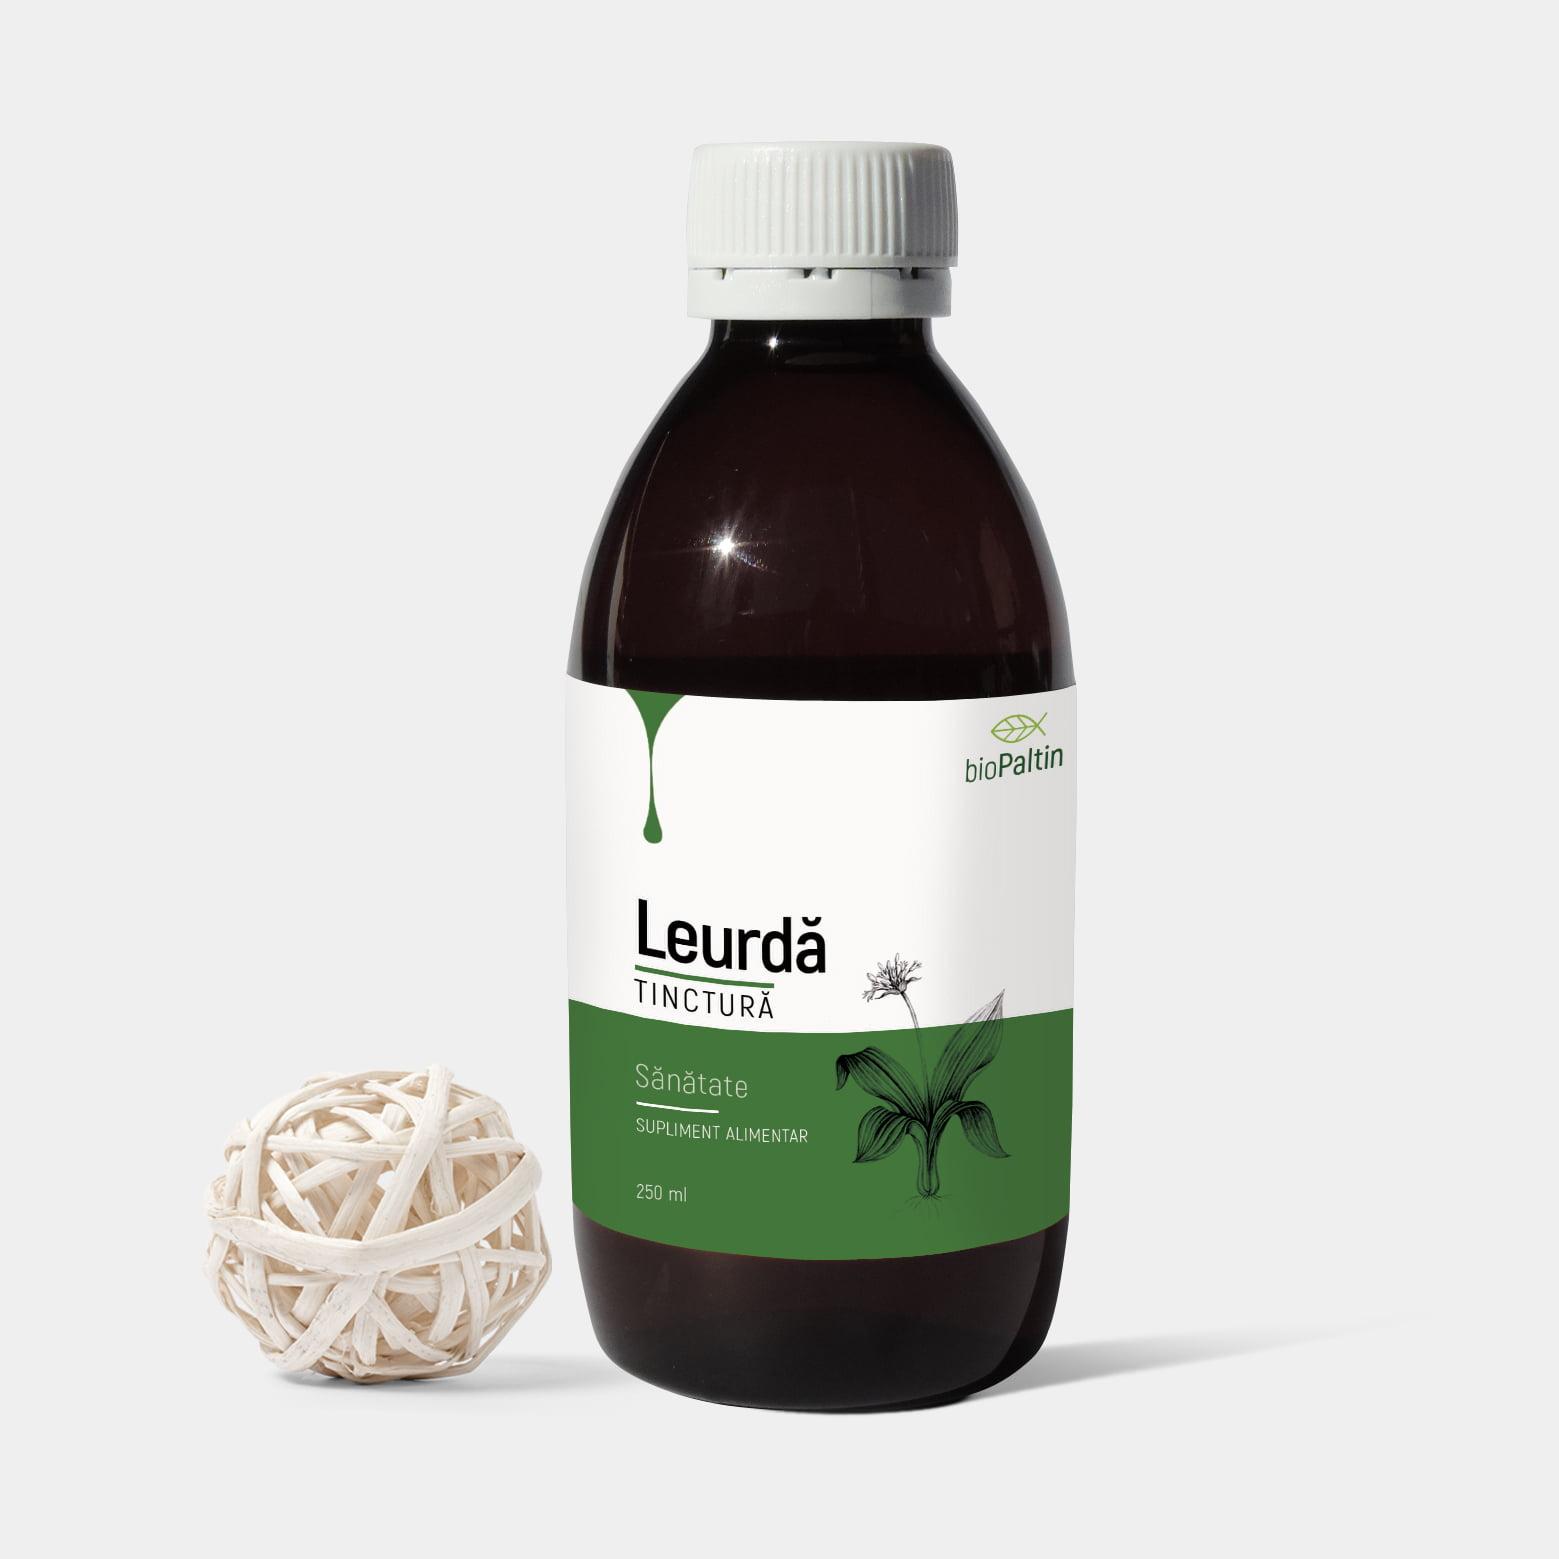 TINCTURĂ DE LEURDĂ (Allium ursinum)